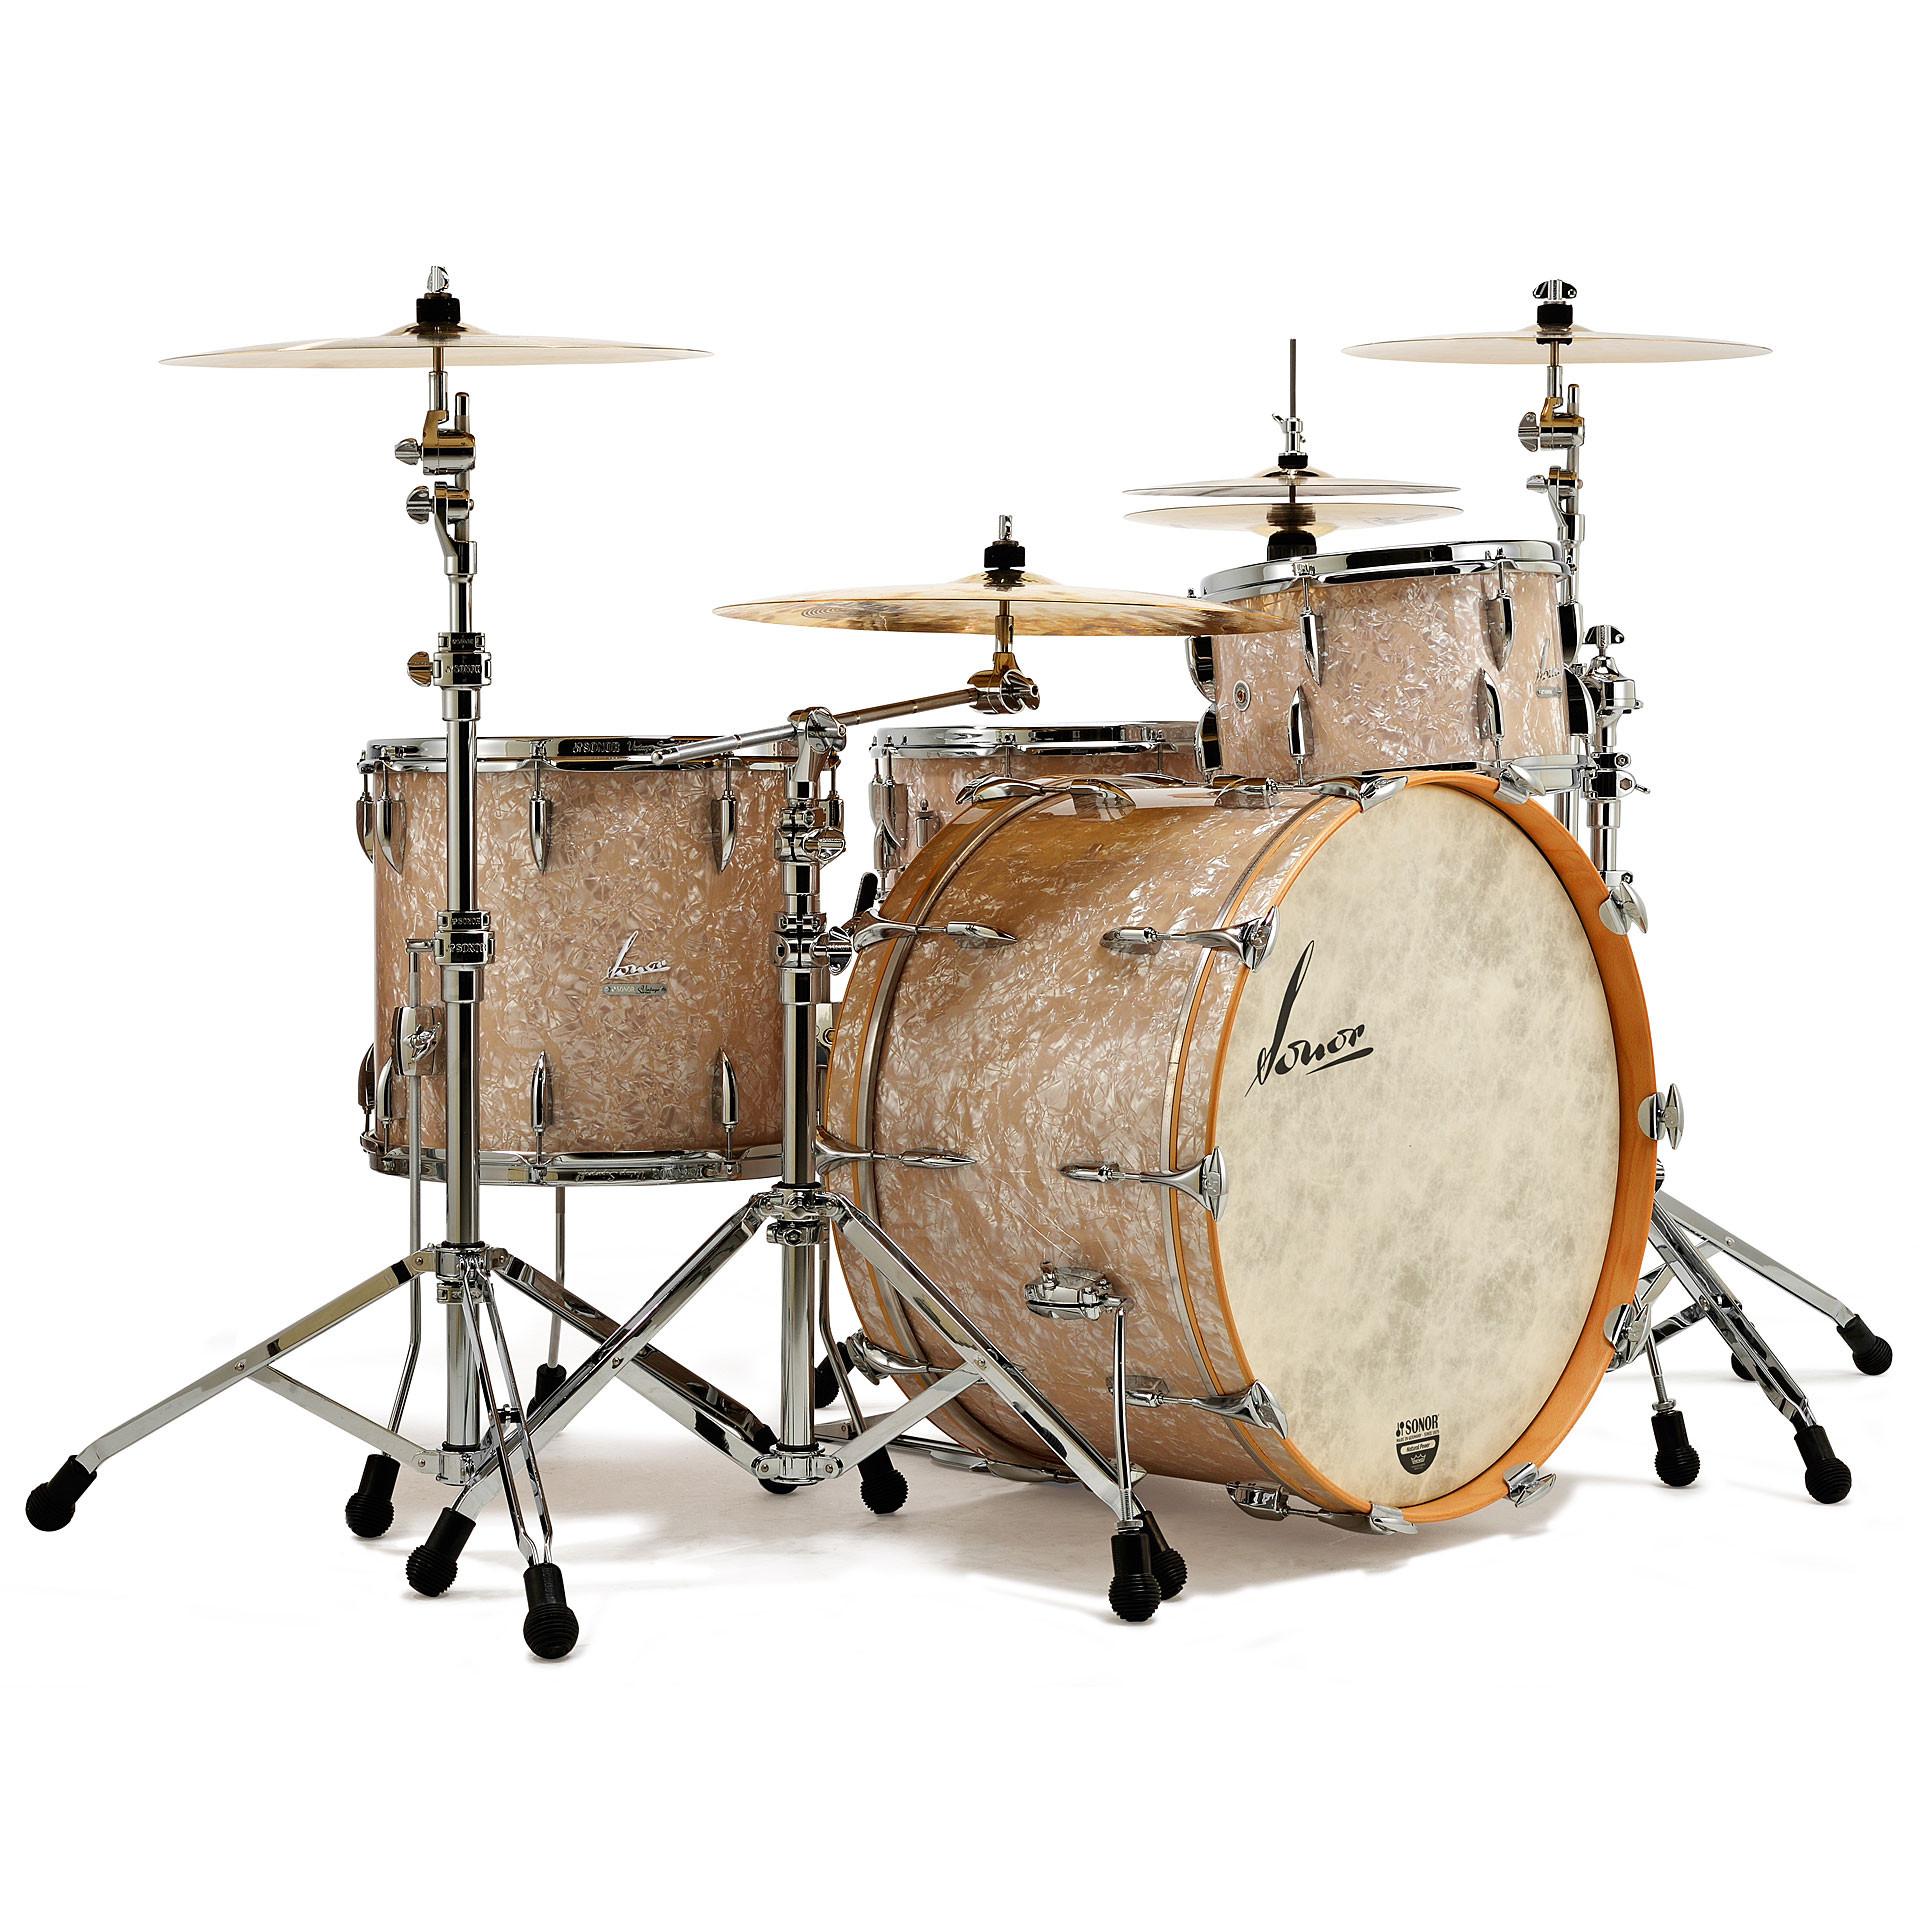 Sonor Vintage Series - Vintage Pearl Trommesæt